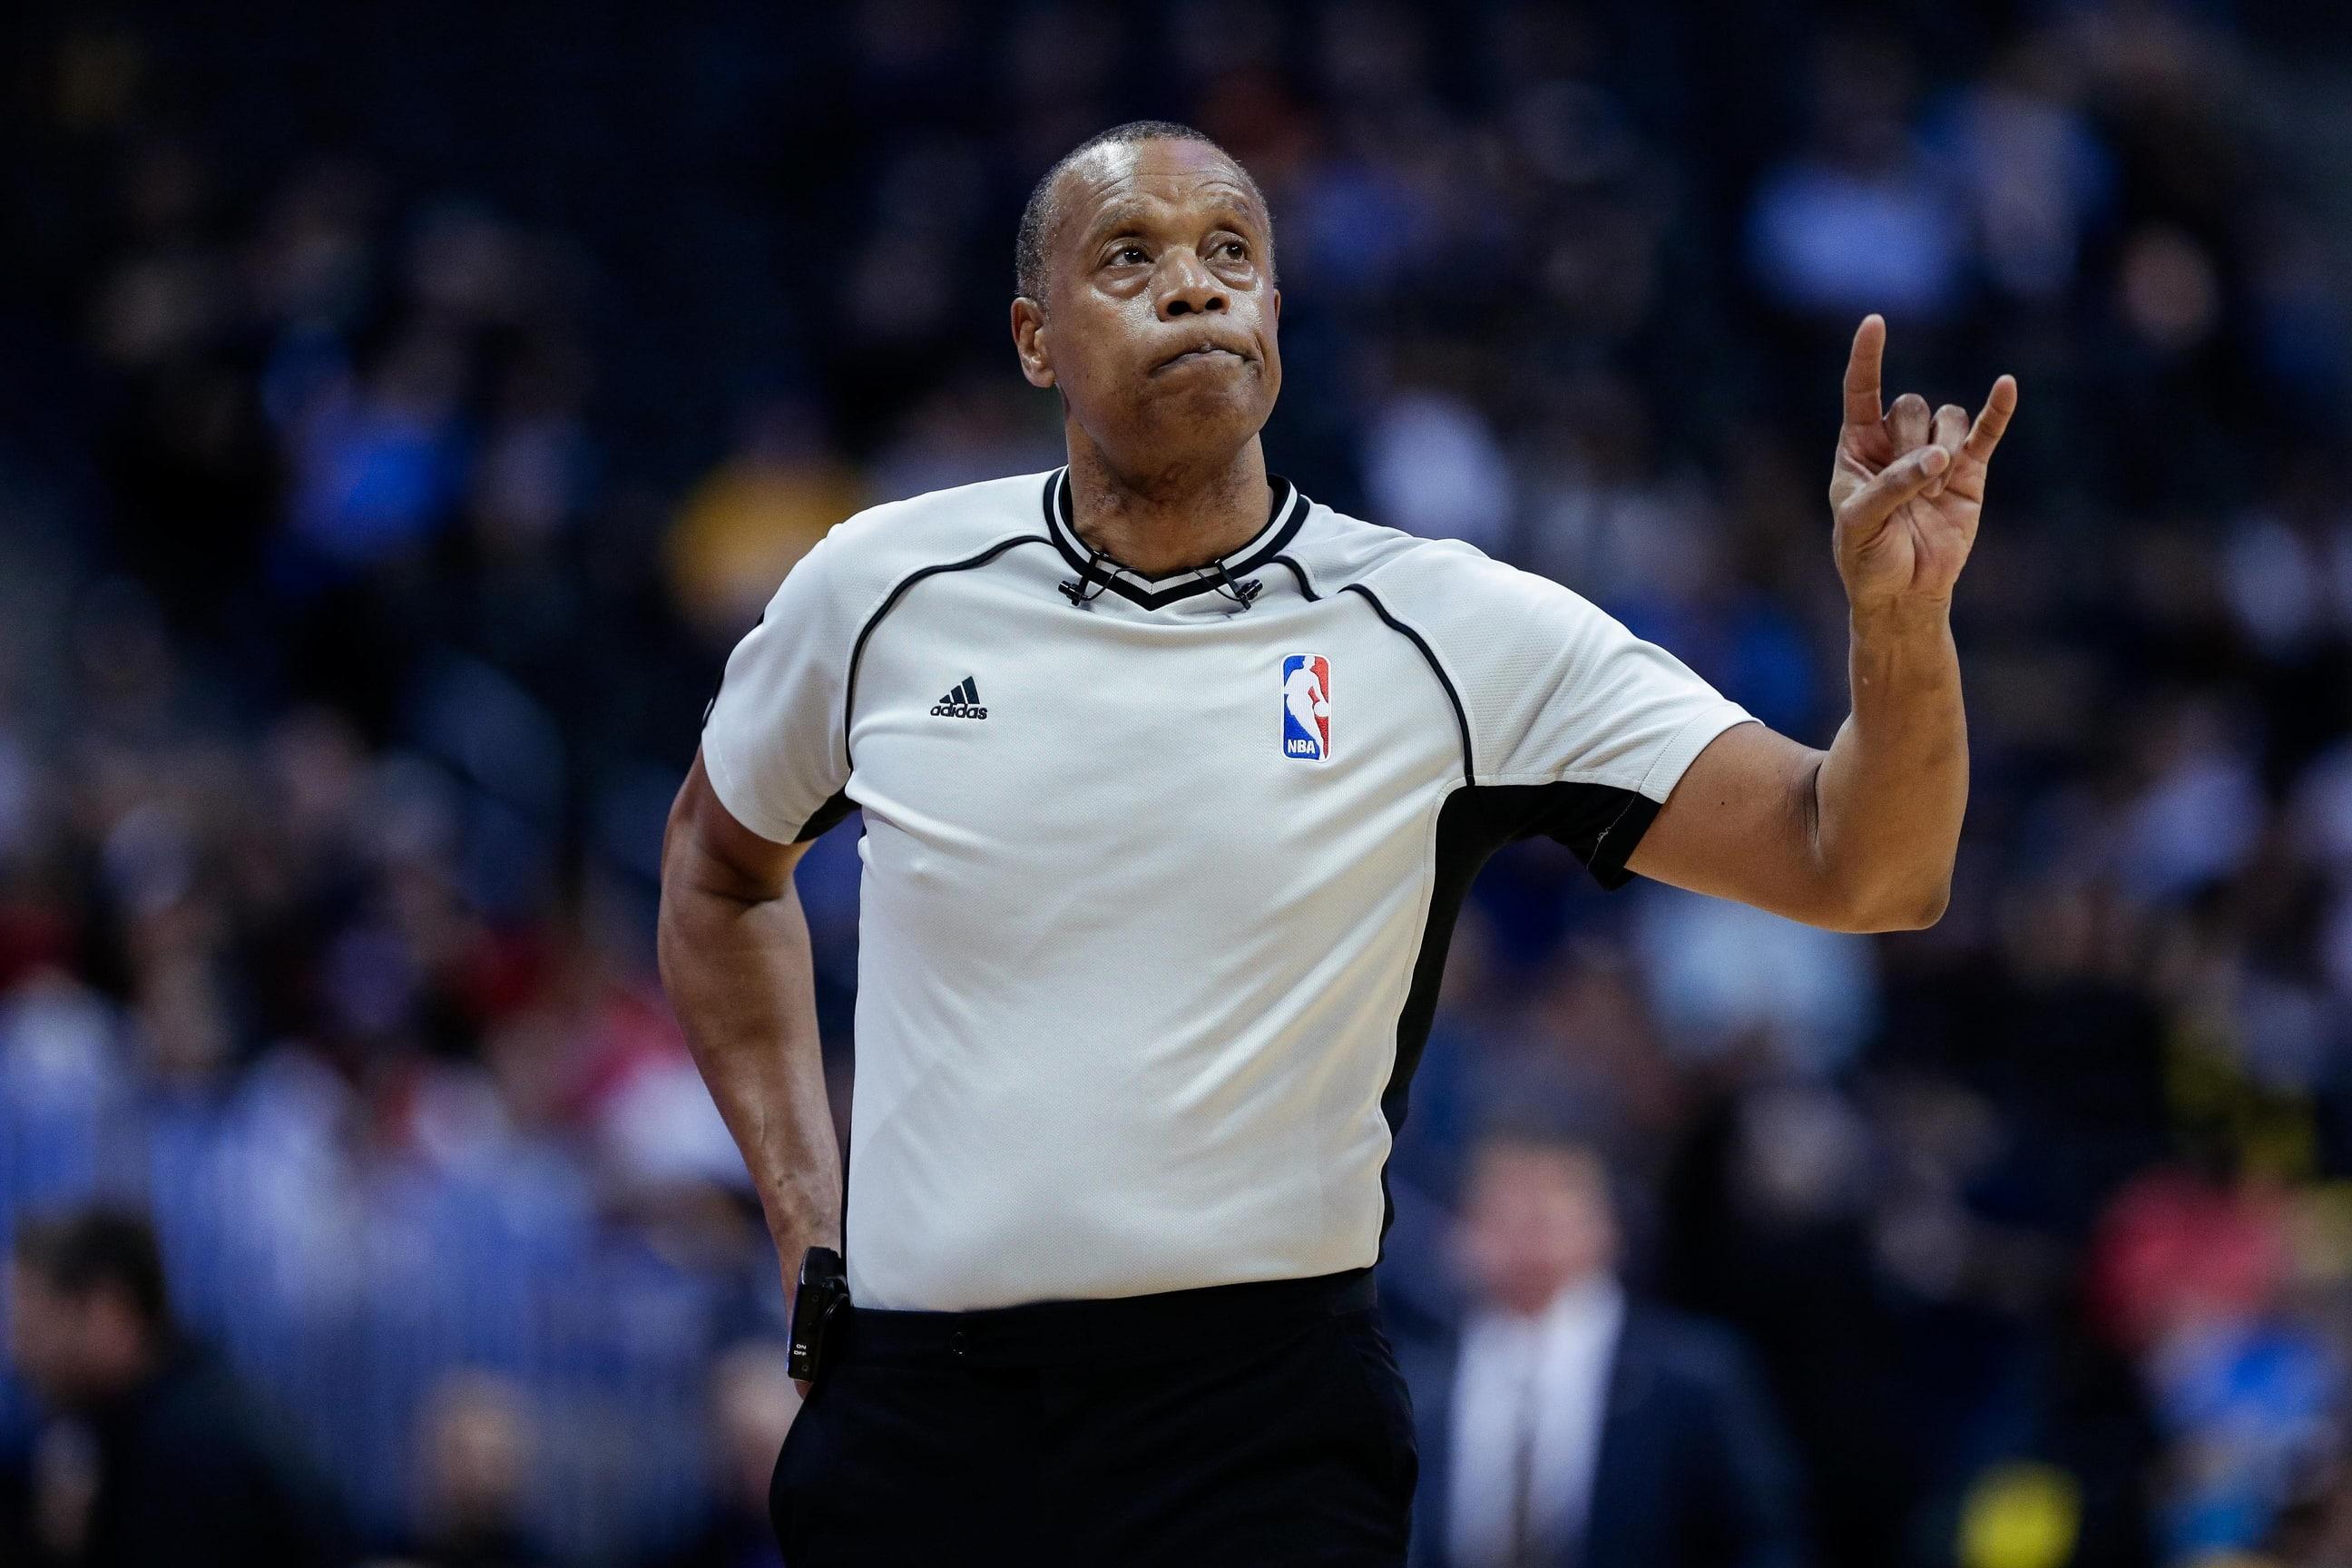 NBA playoffs, nba referee